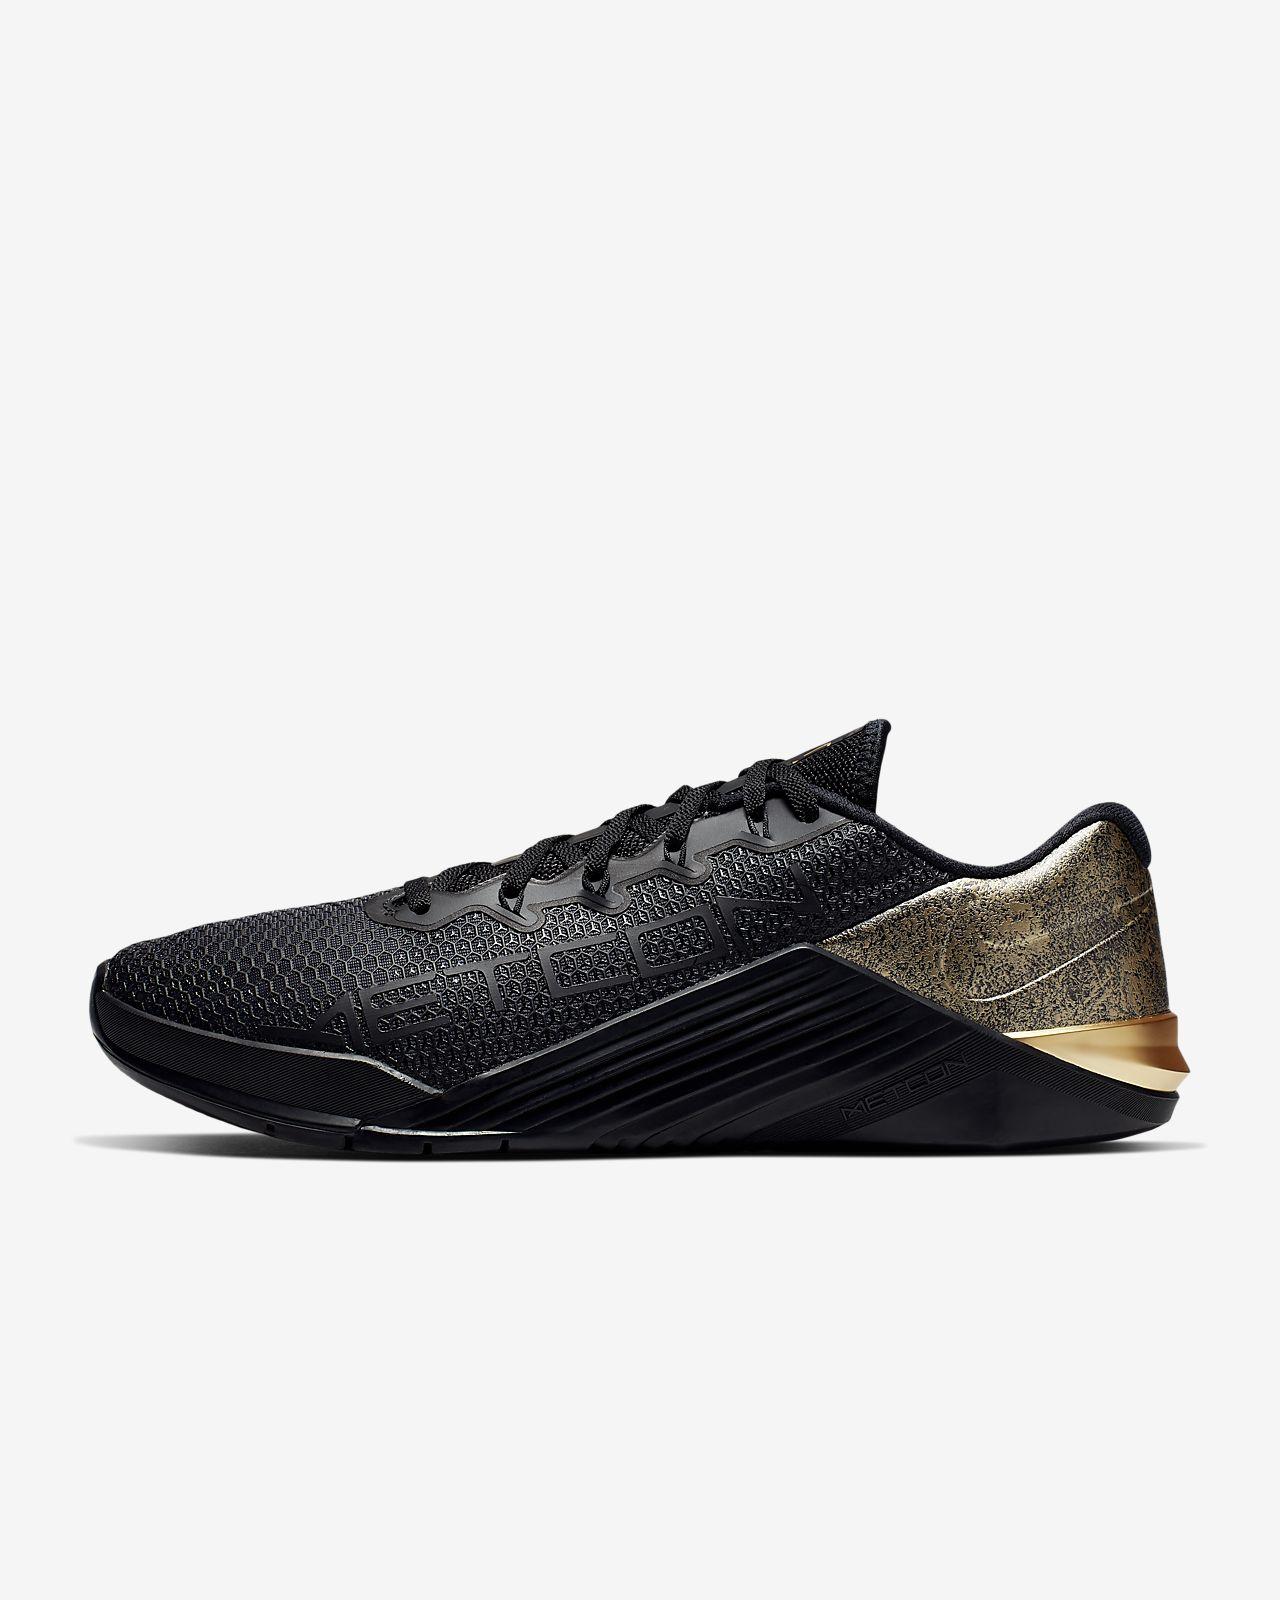 Nike Metcon 5 Black x Gold Antrenman Ayakkabısı